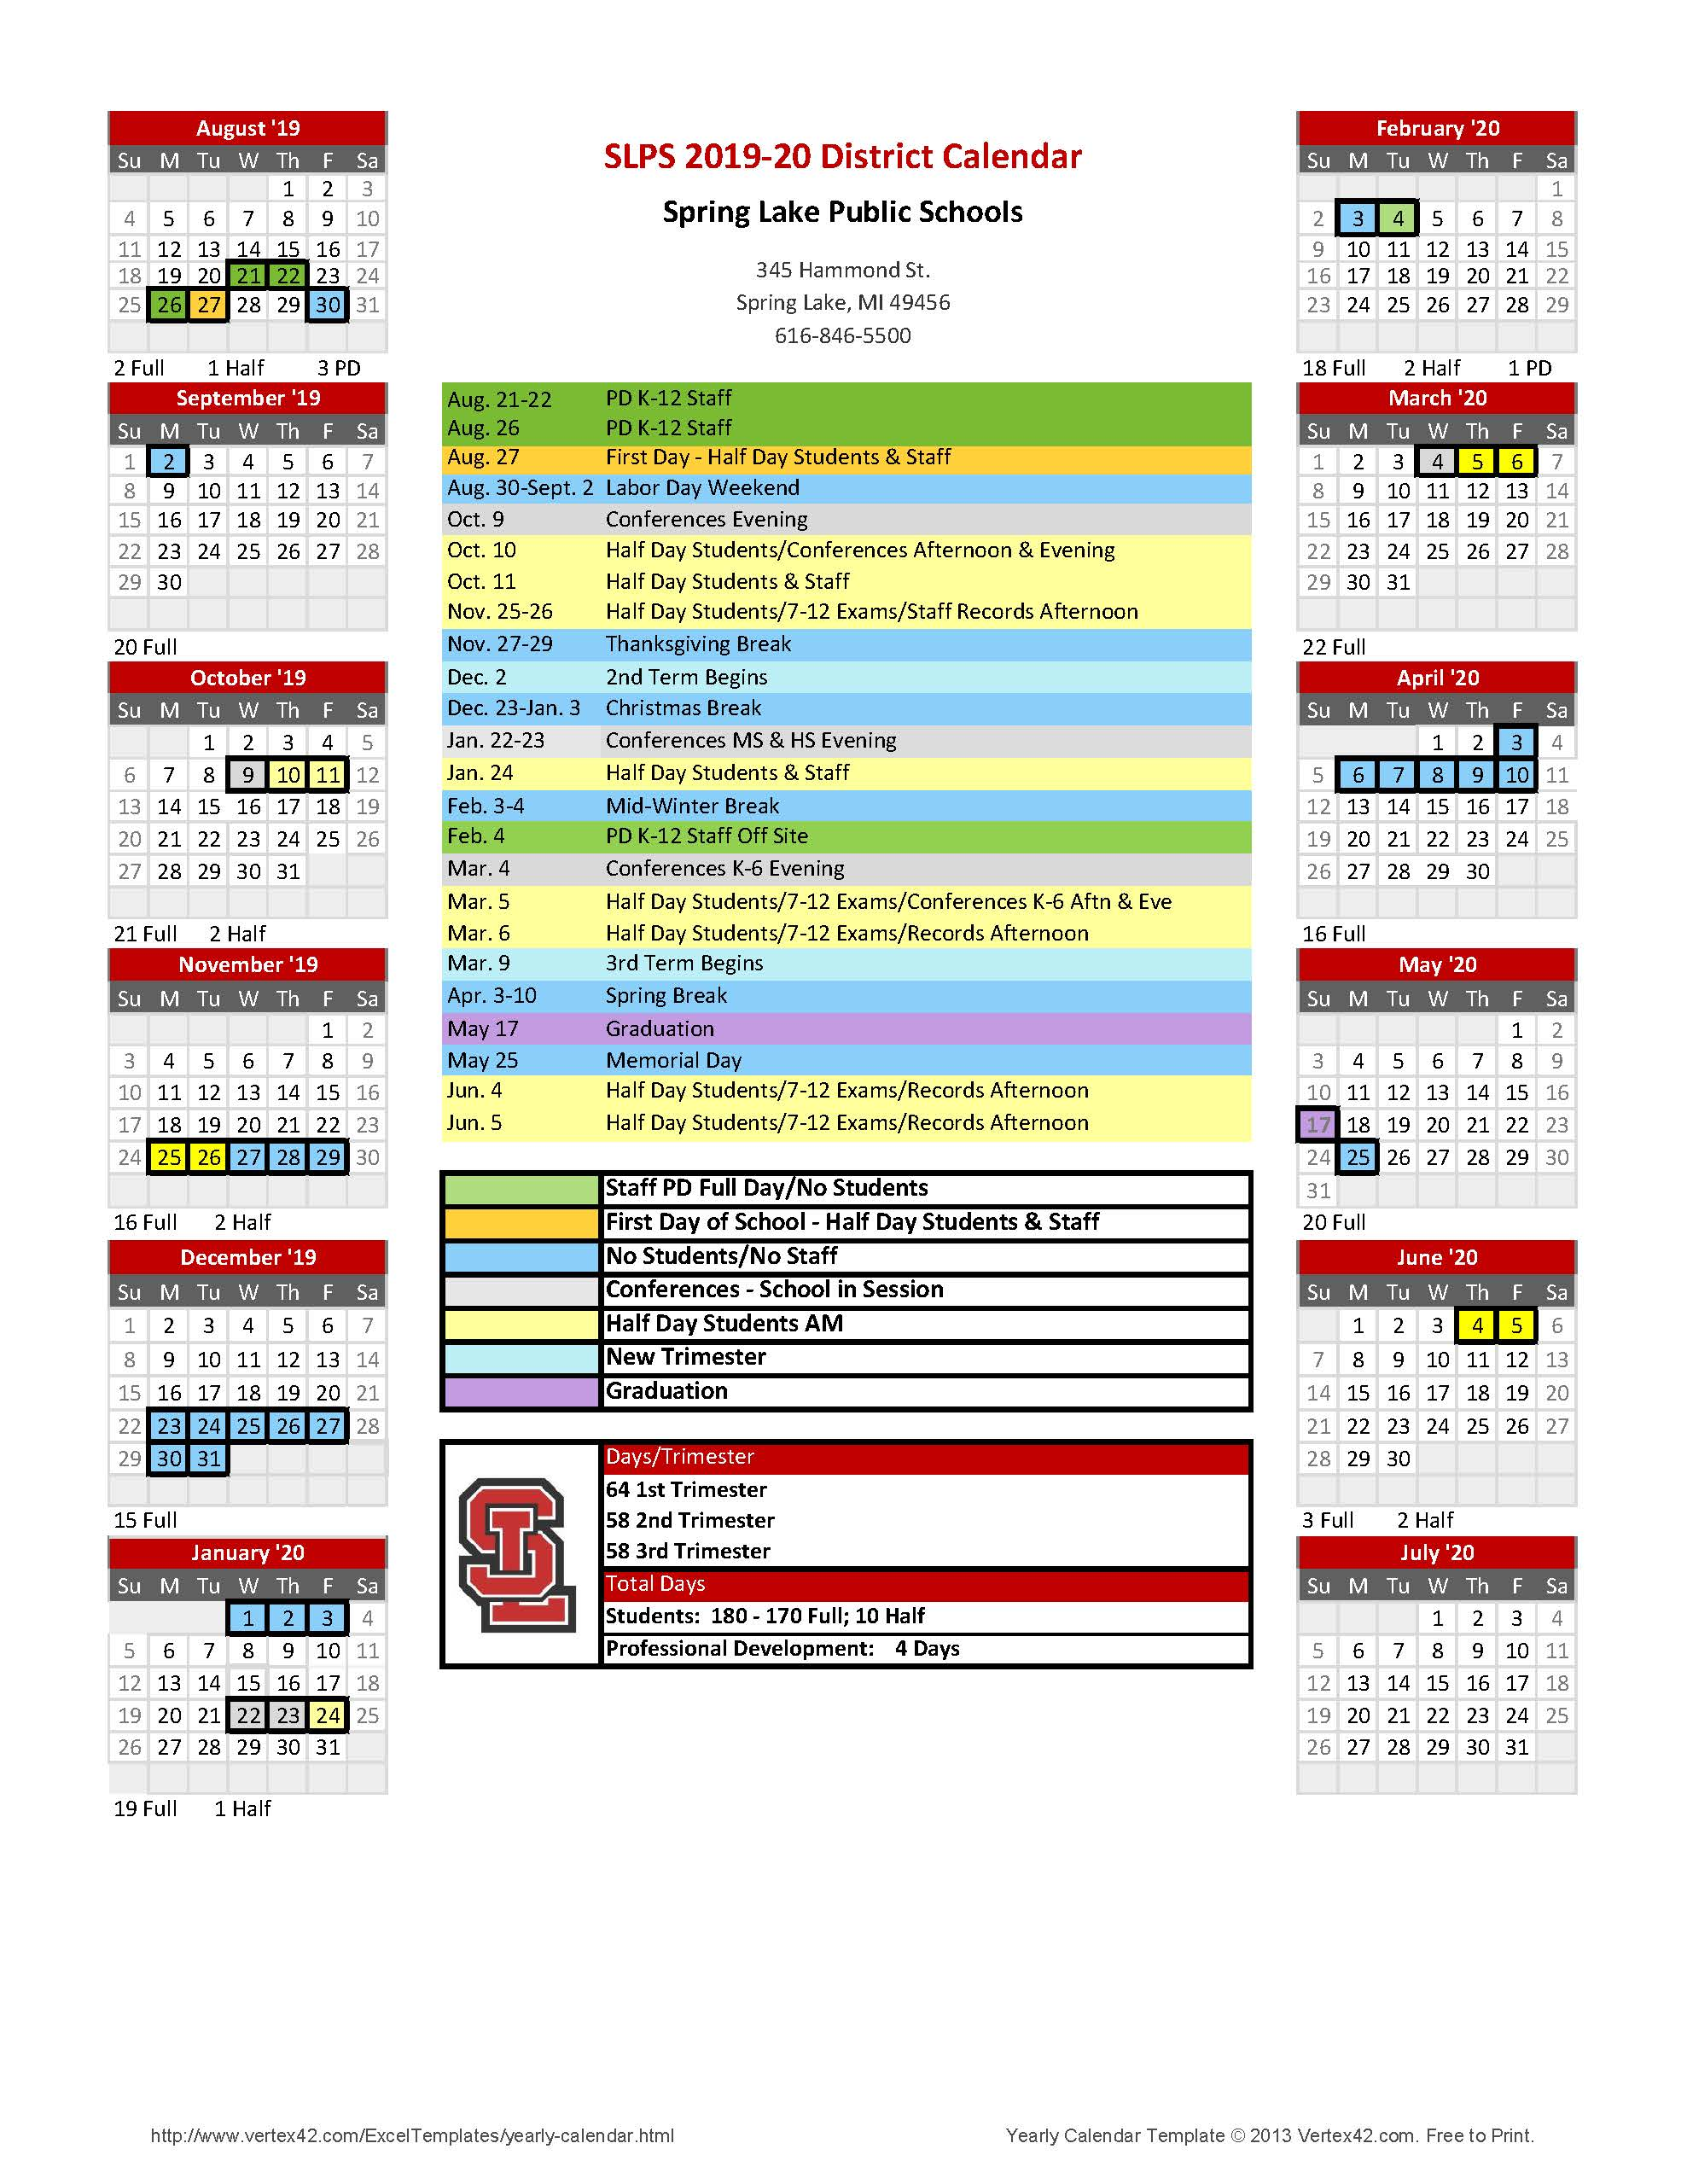 Florida Schools Spring Break 2020.2019 2020 District Calendar Spring Lake Public Schools